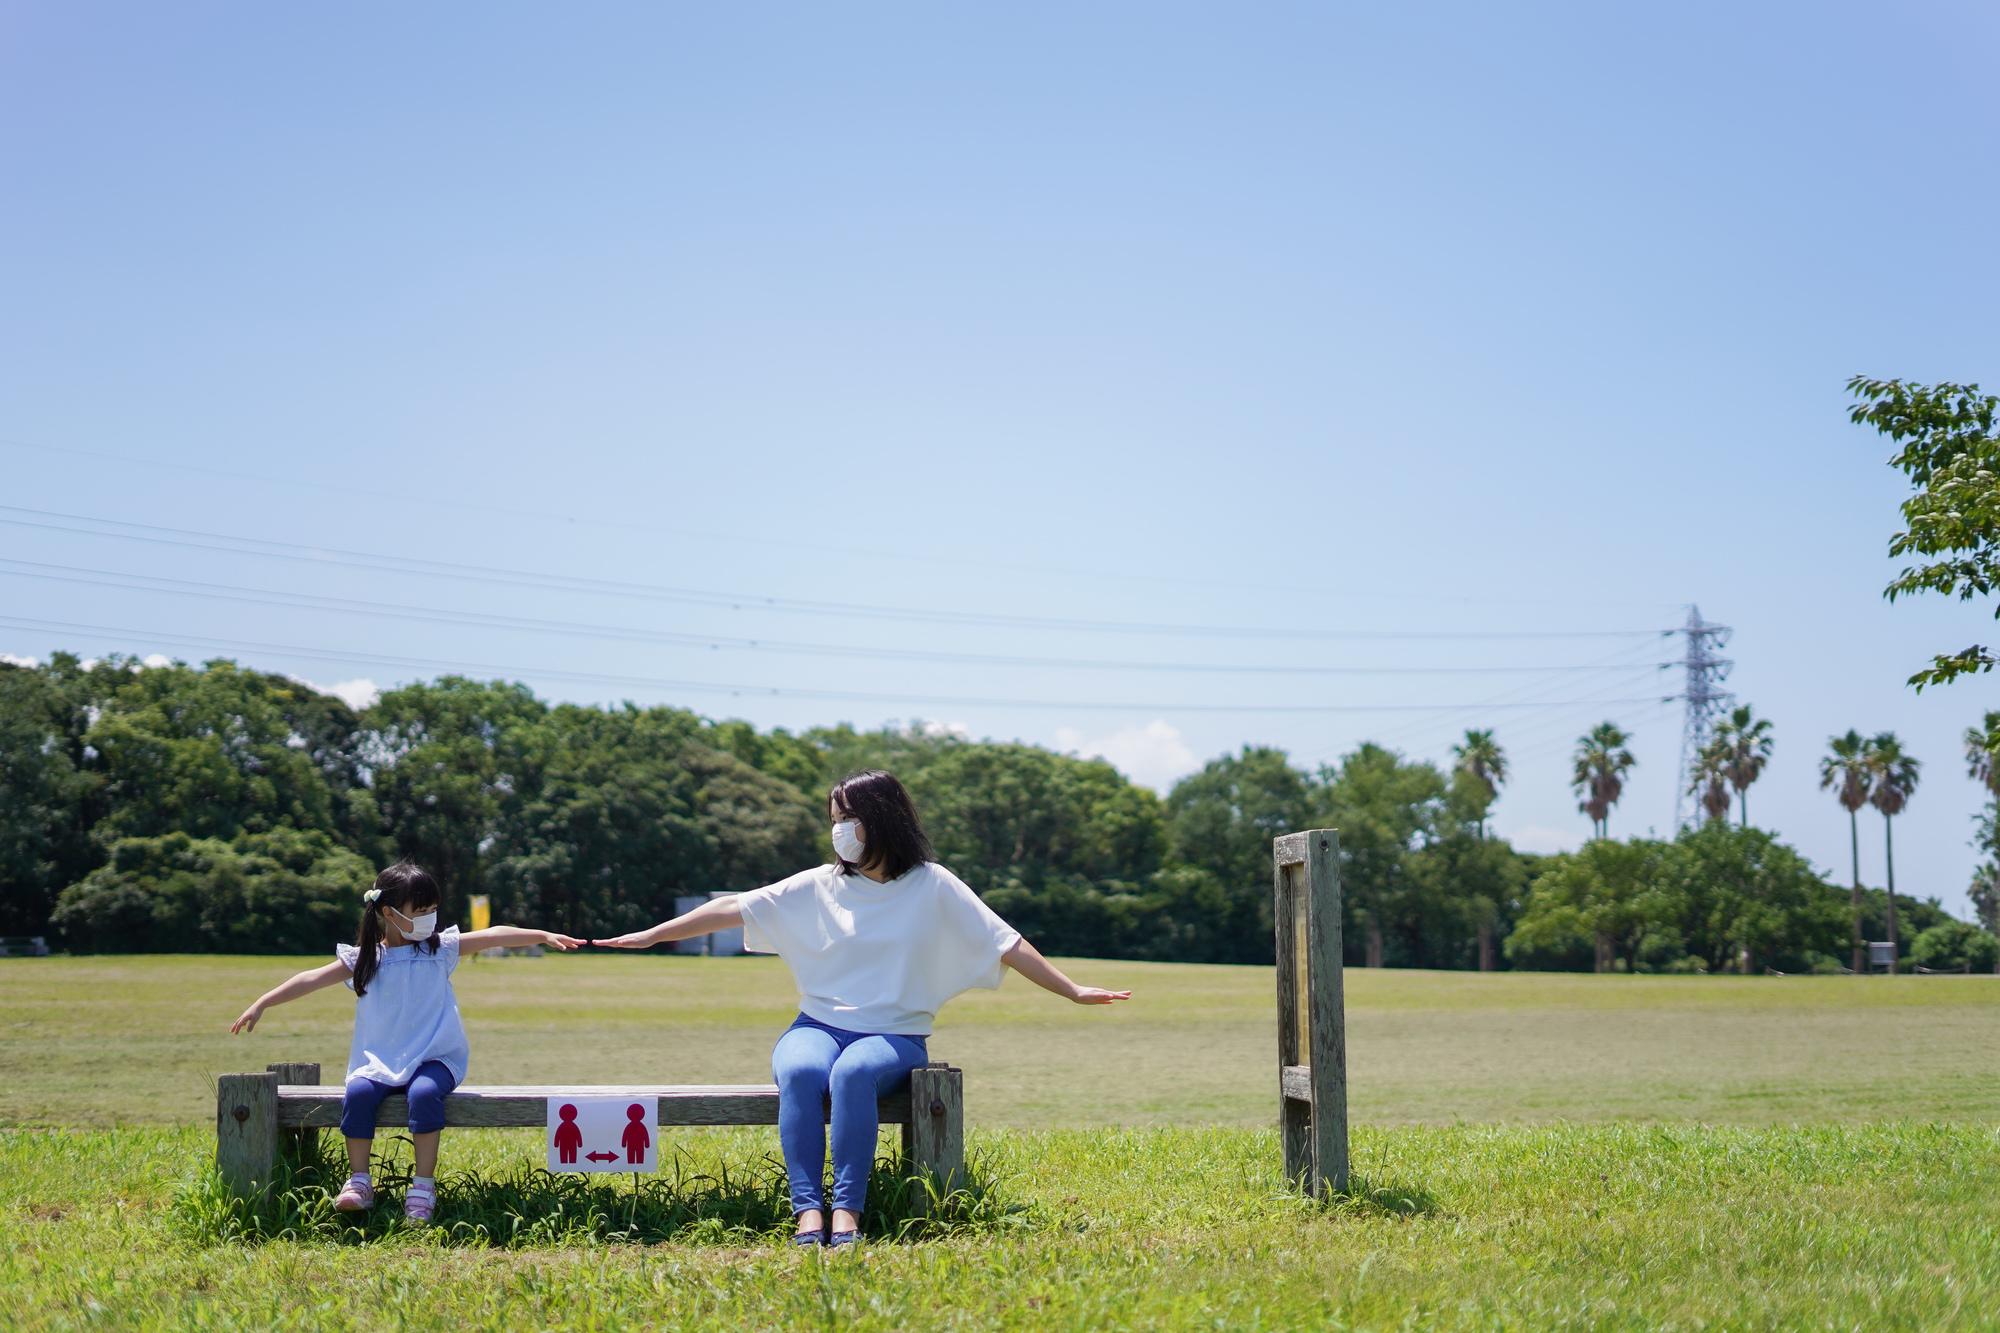 子どもと大人が距離を取るソーシャルディスタンスの形